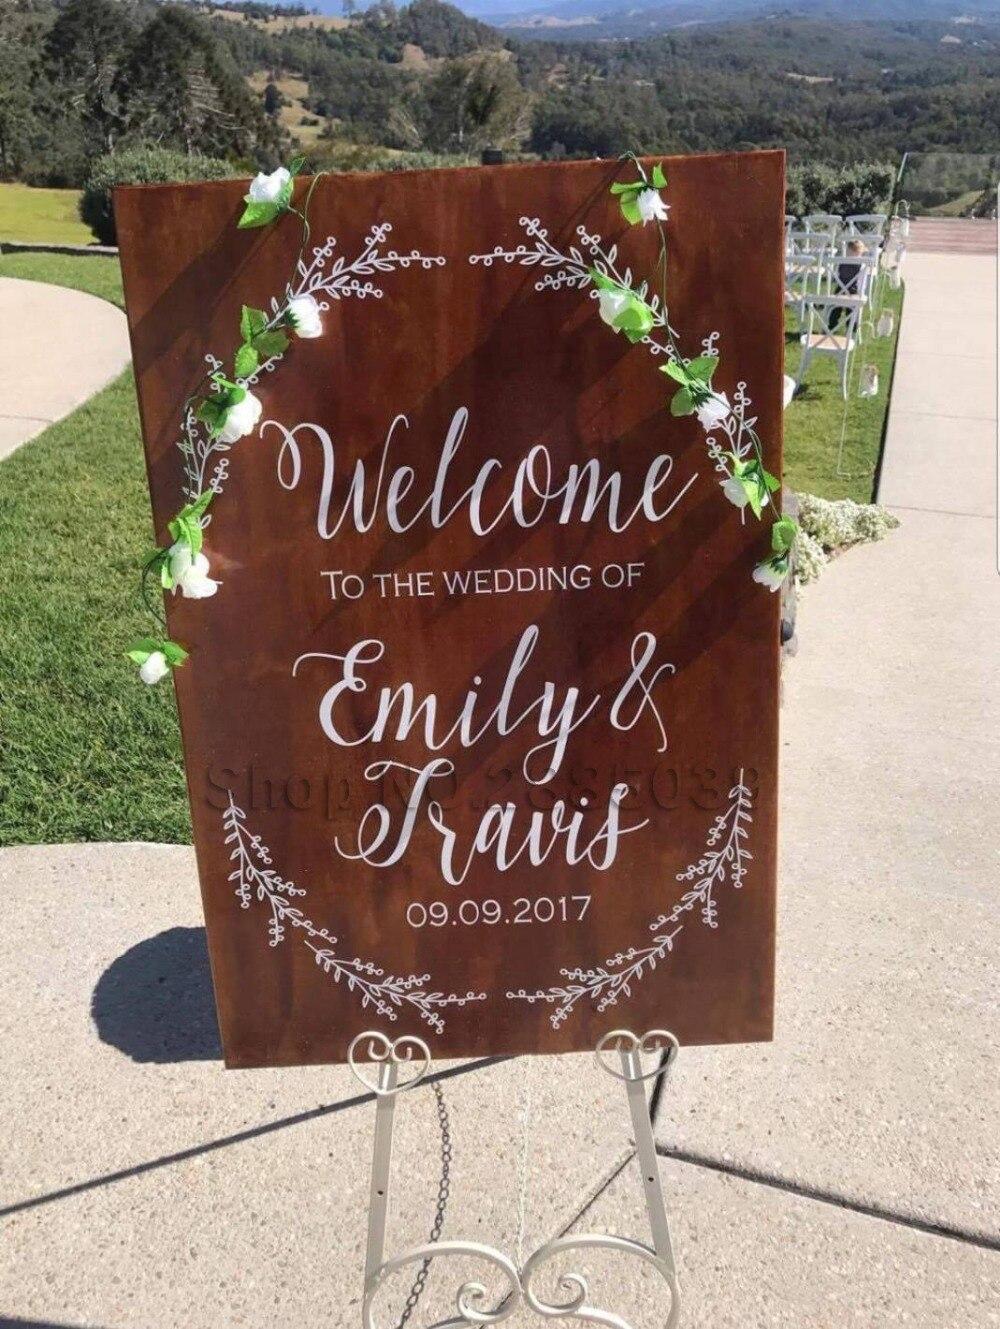 Signo de bienvenida pegatinas vinilo extraíble para espejos/madera/cualquier superficie boda decoración creativa calcomanías arte adhesivo personalizado LC678